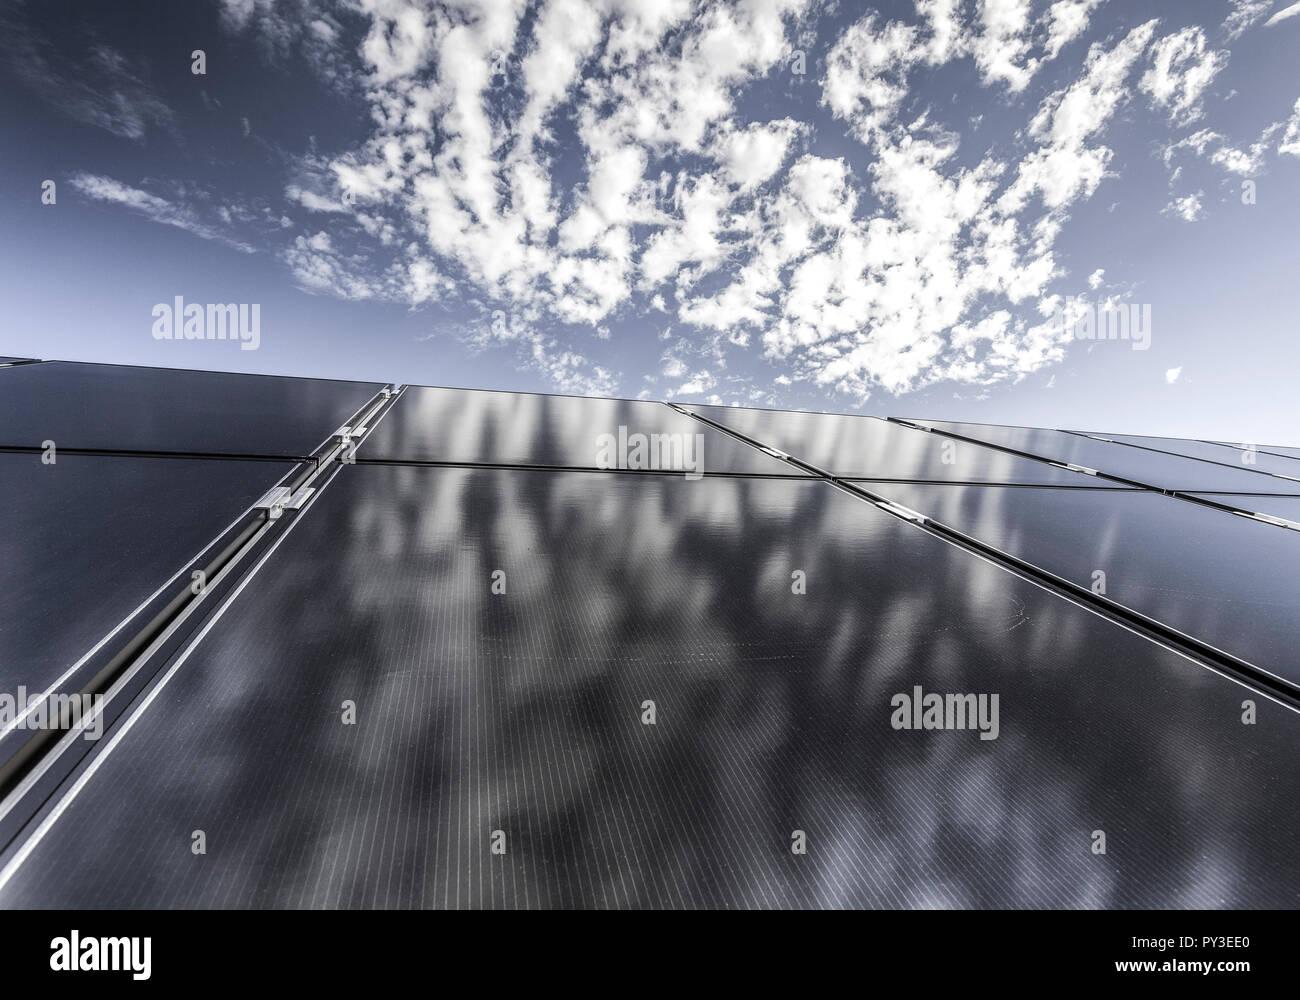 Photovoltaik Modul mit Wolkenspiegelung - Stock Image